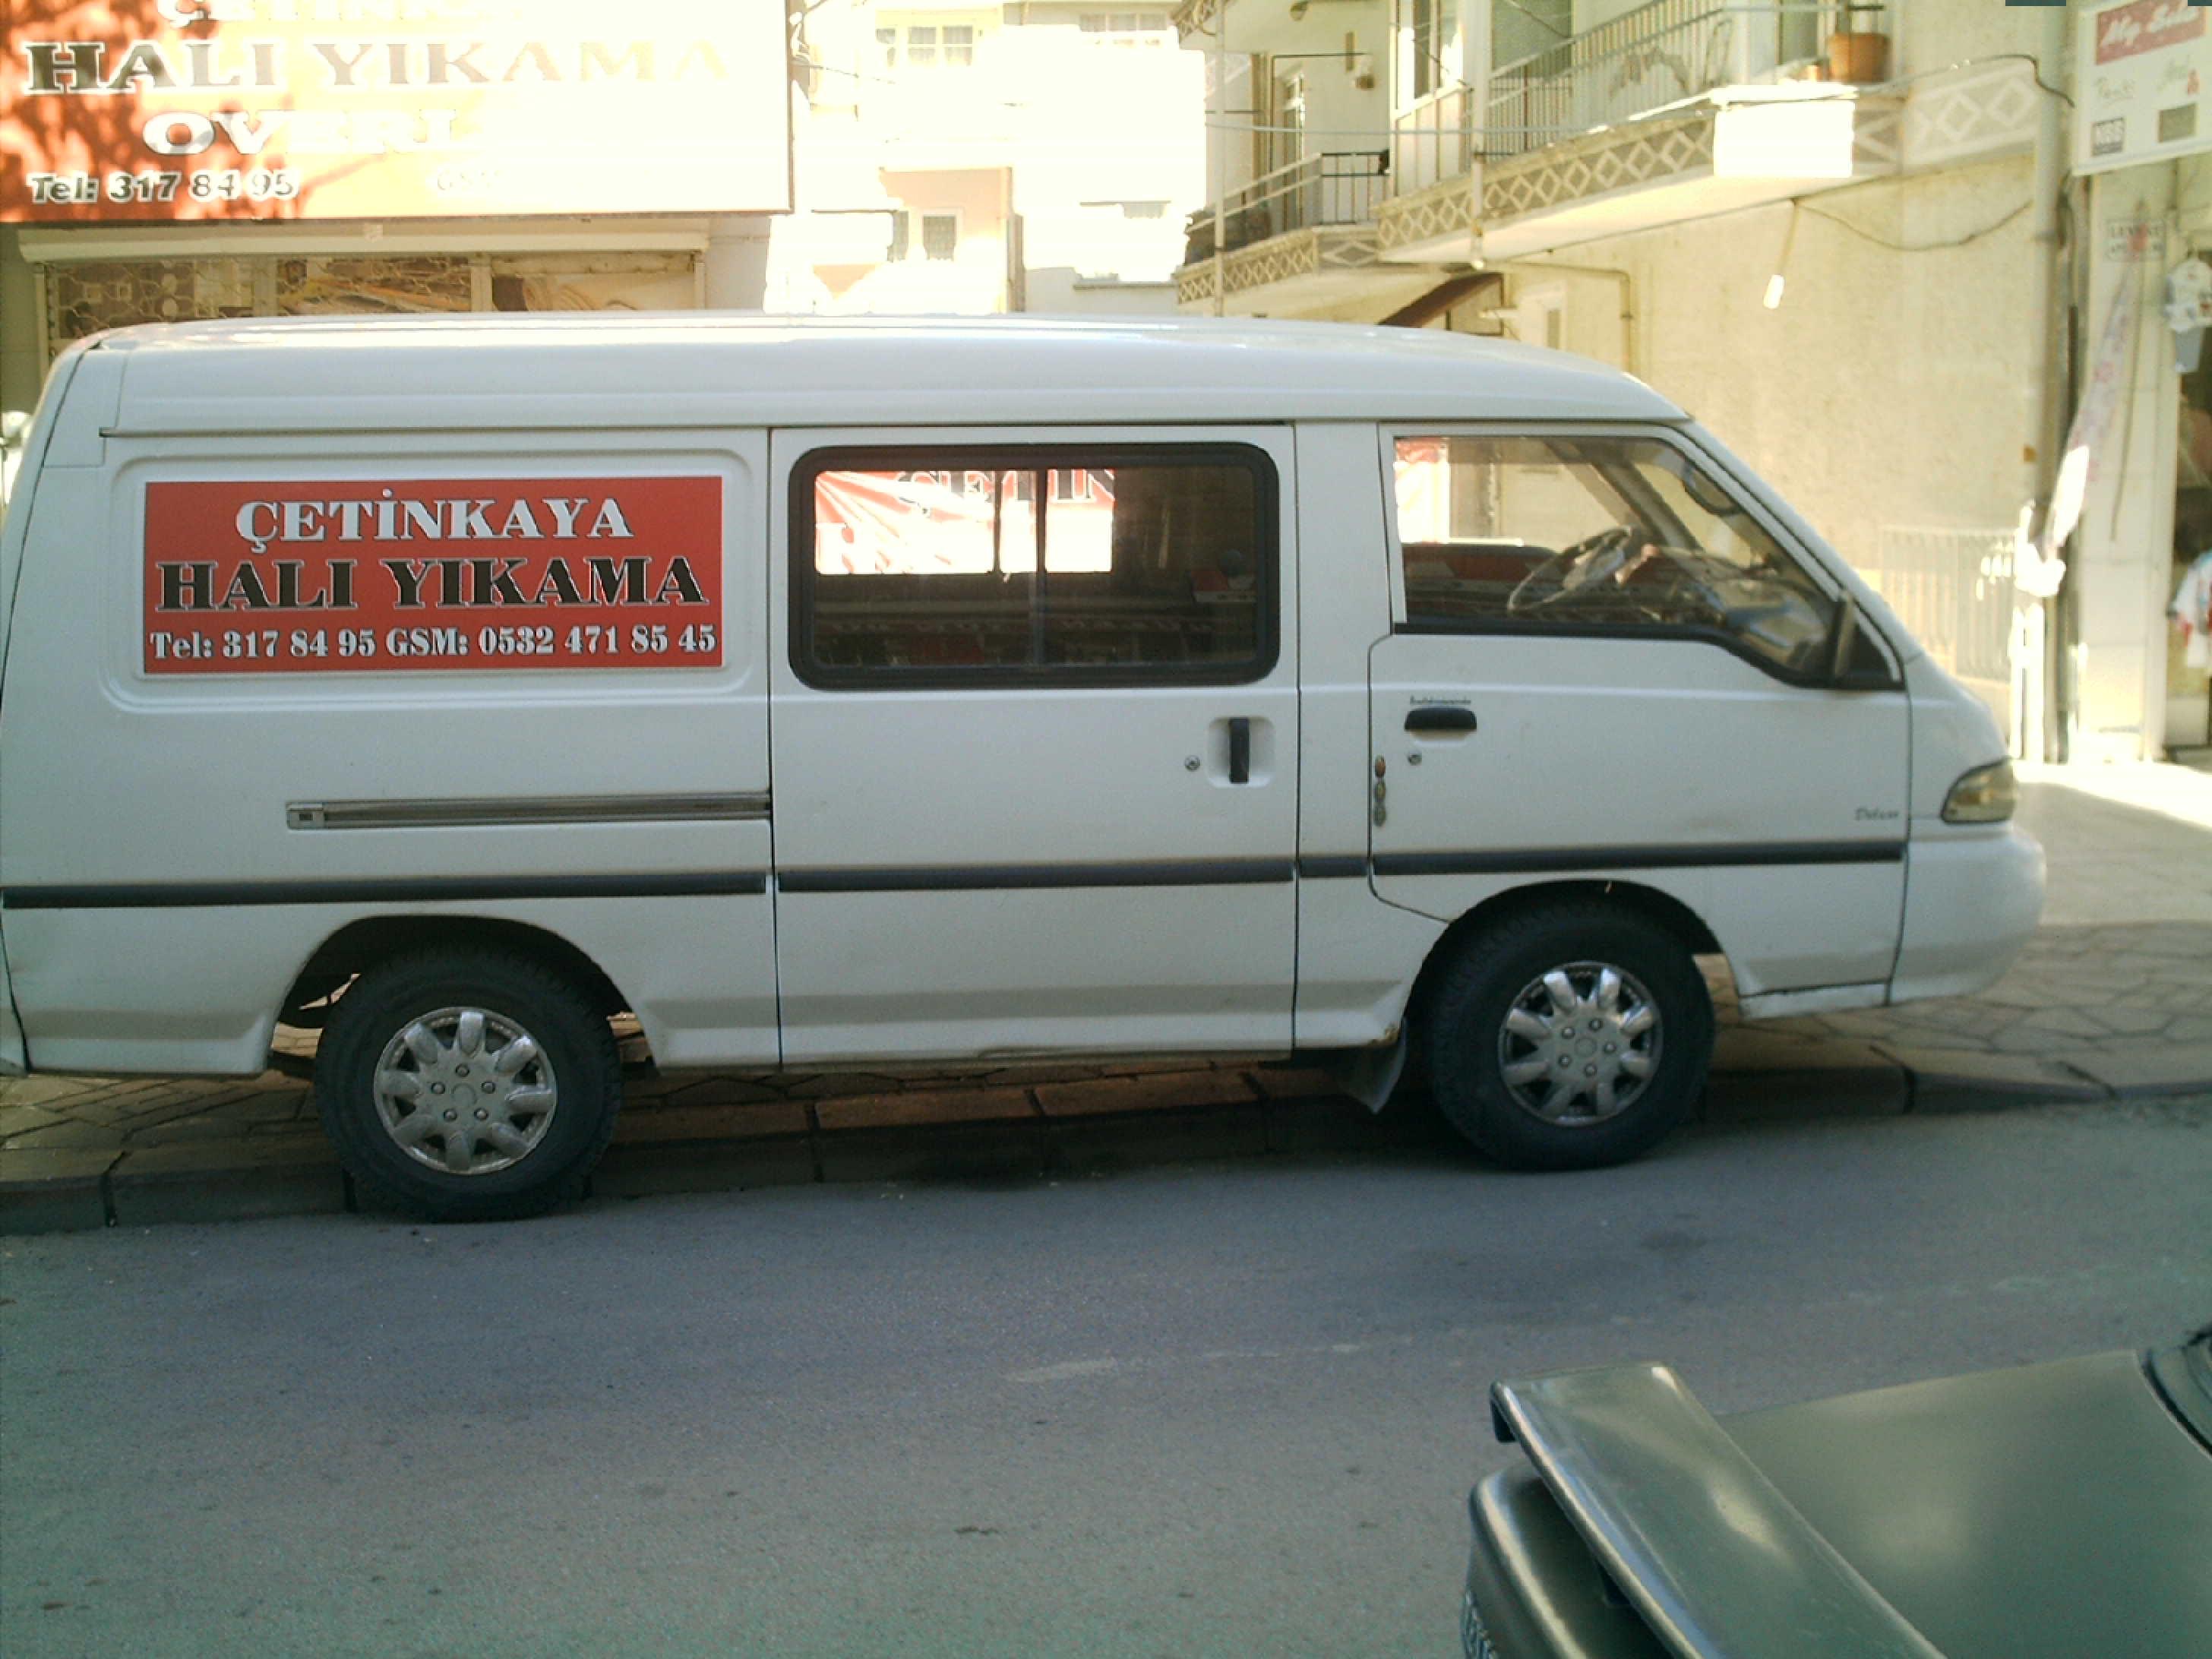 etiler_hali_yikama_servis_araci